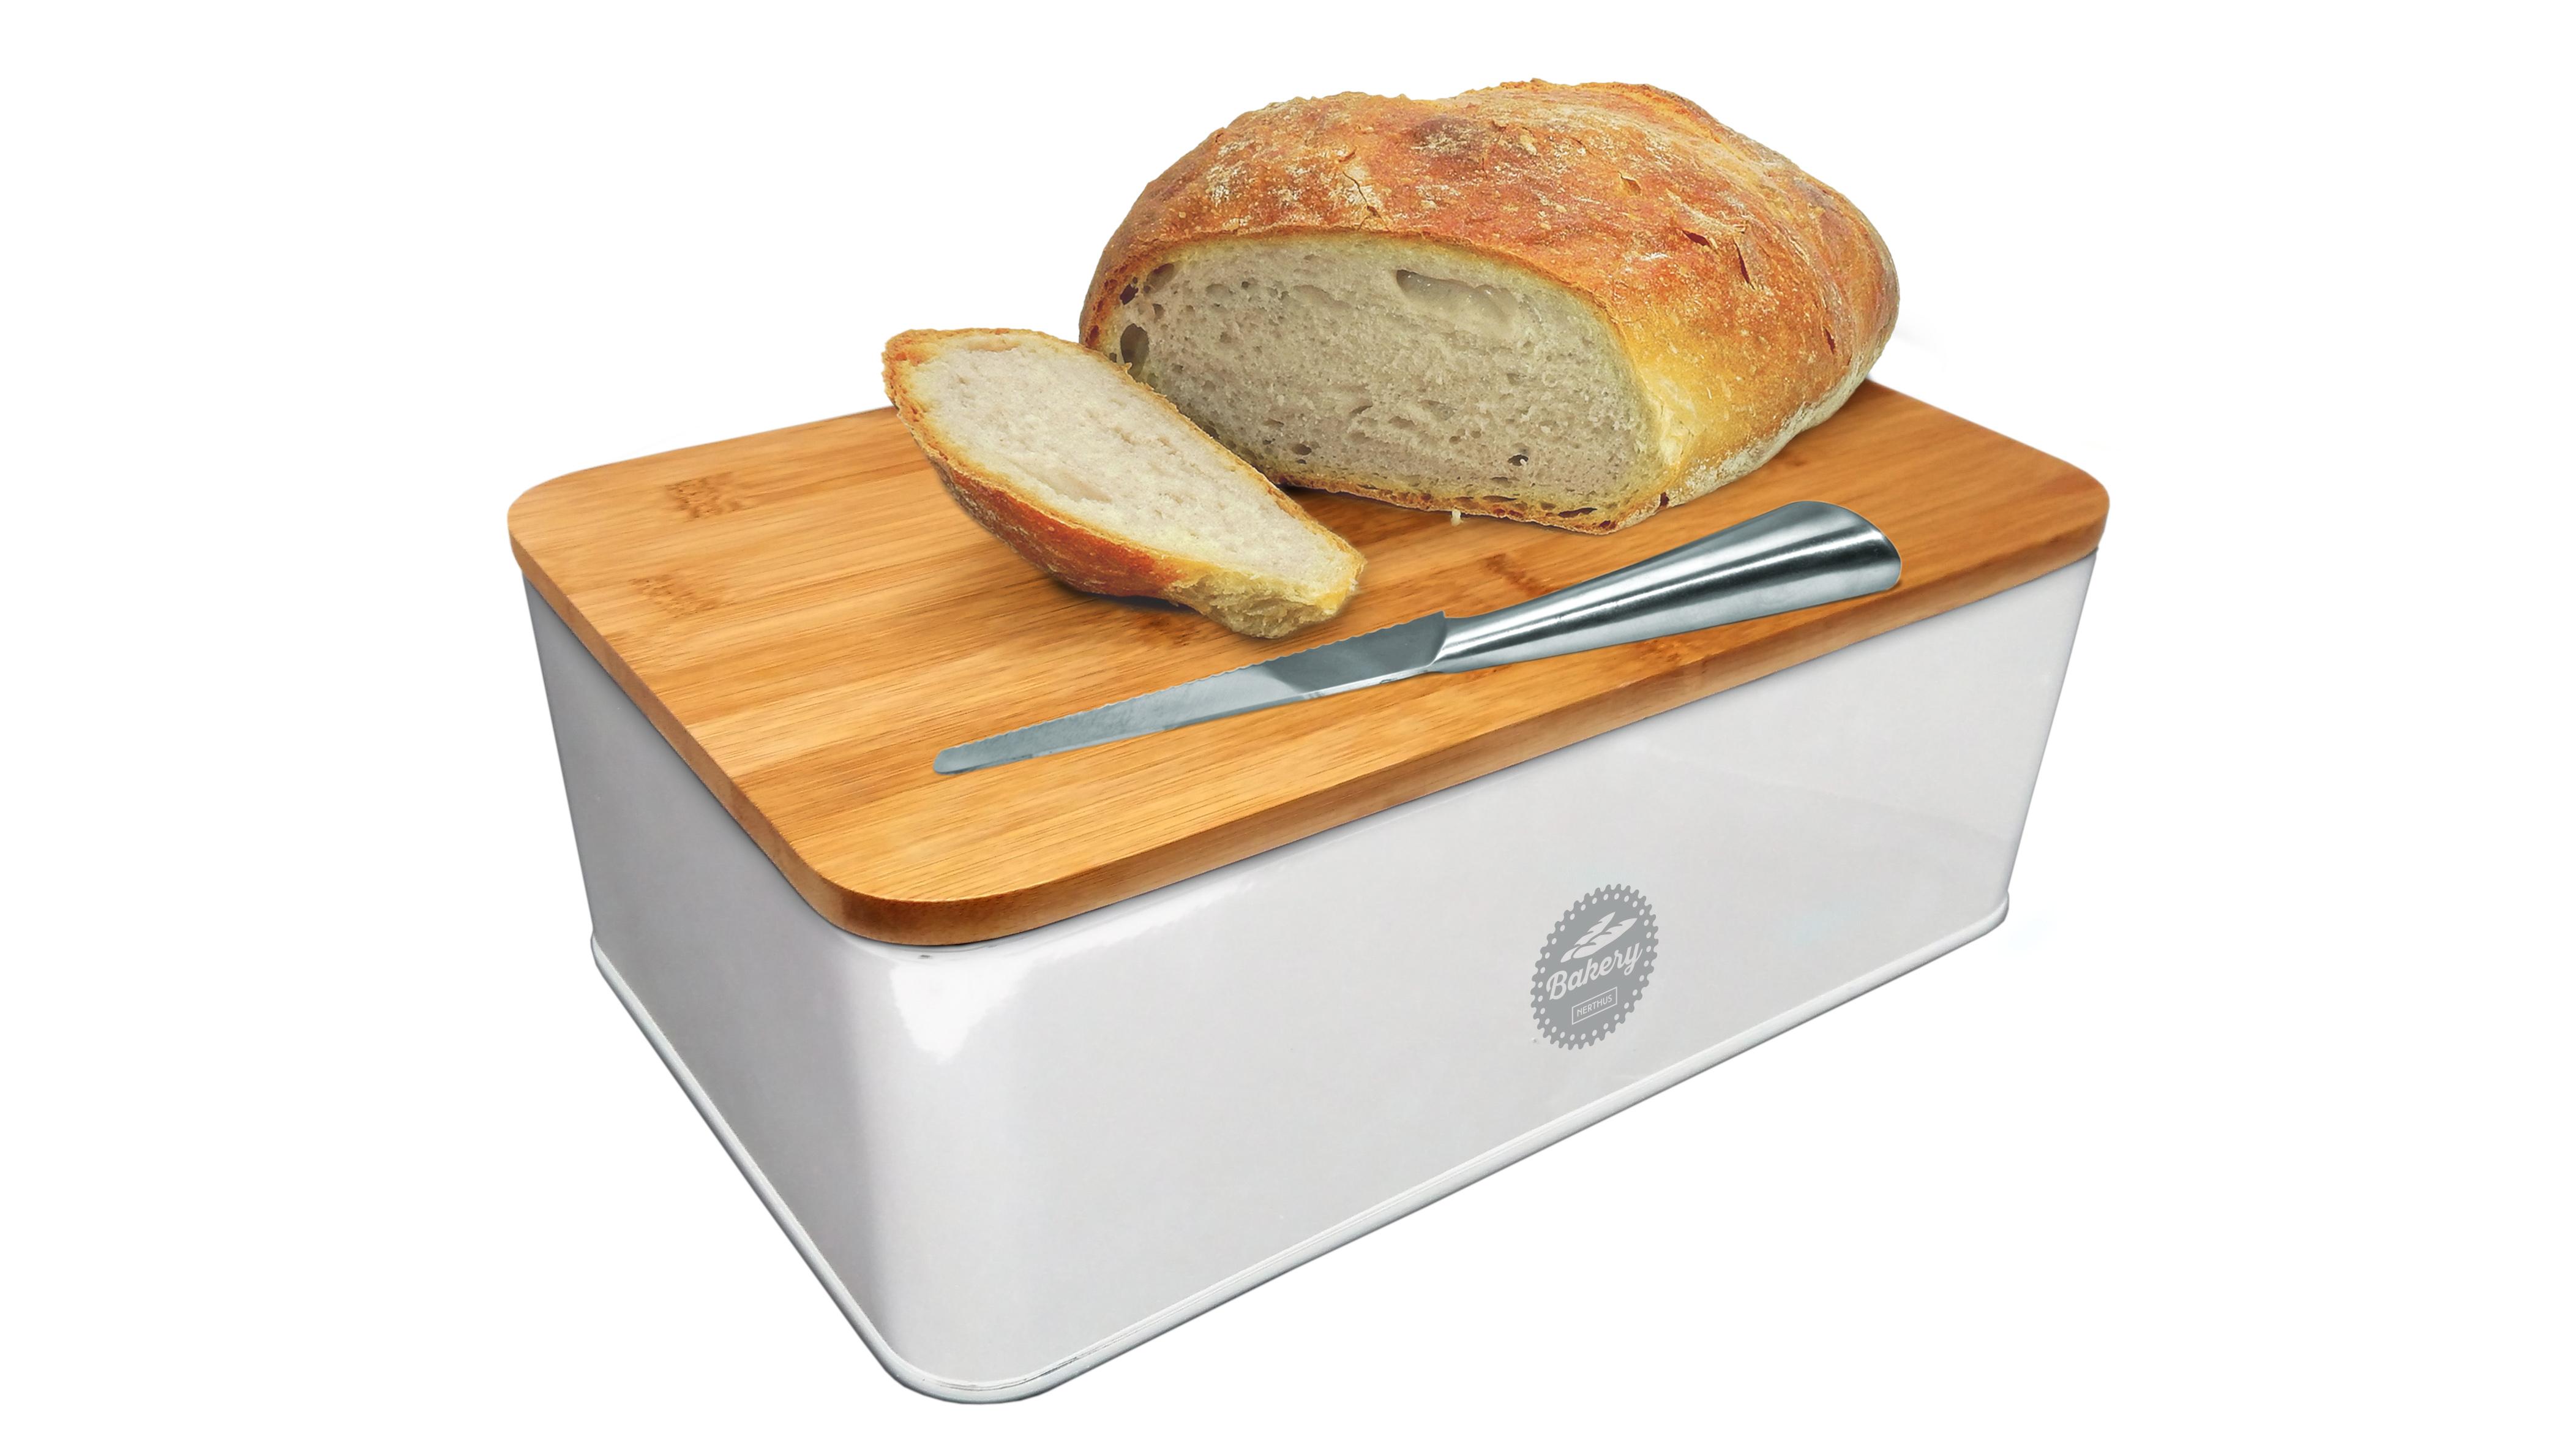 Хлебница Rich Line Home Decor Свежий хлеб 89, белый, коричневый все цены